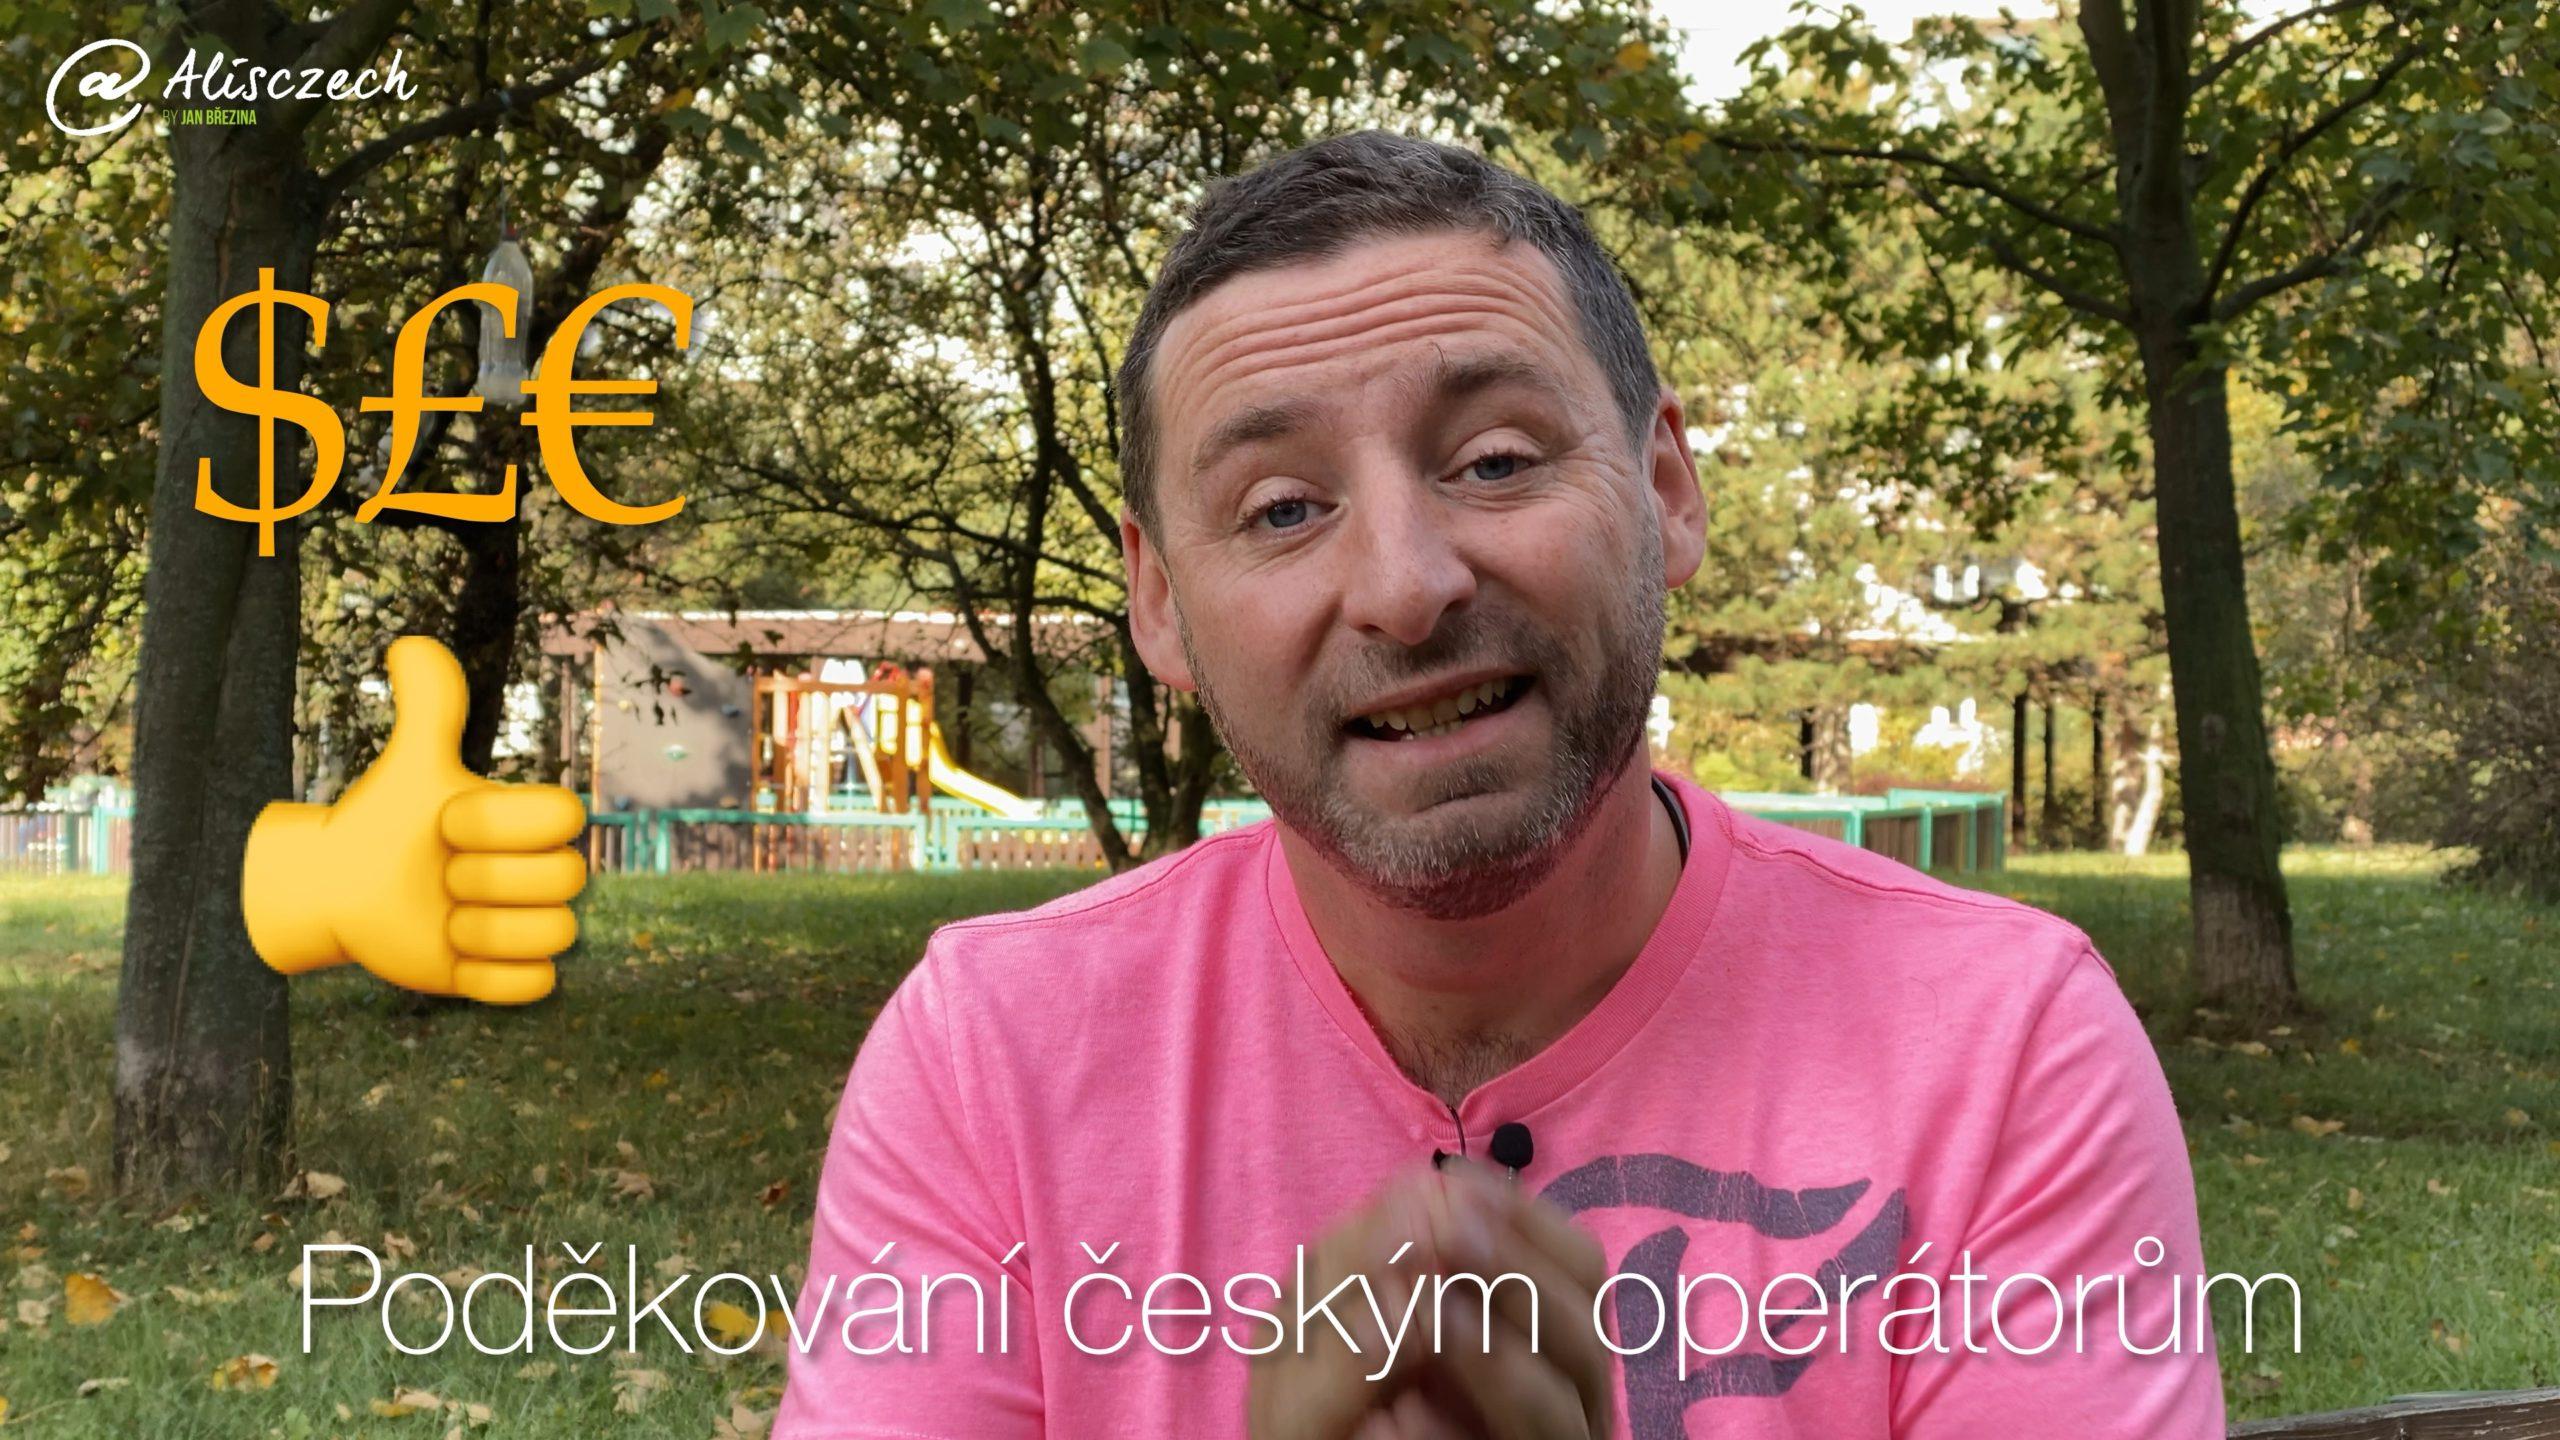 Poděkování českým operátorům